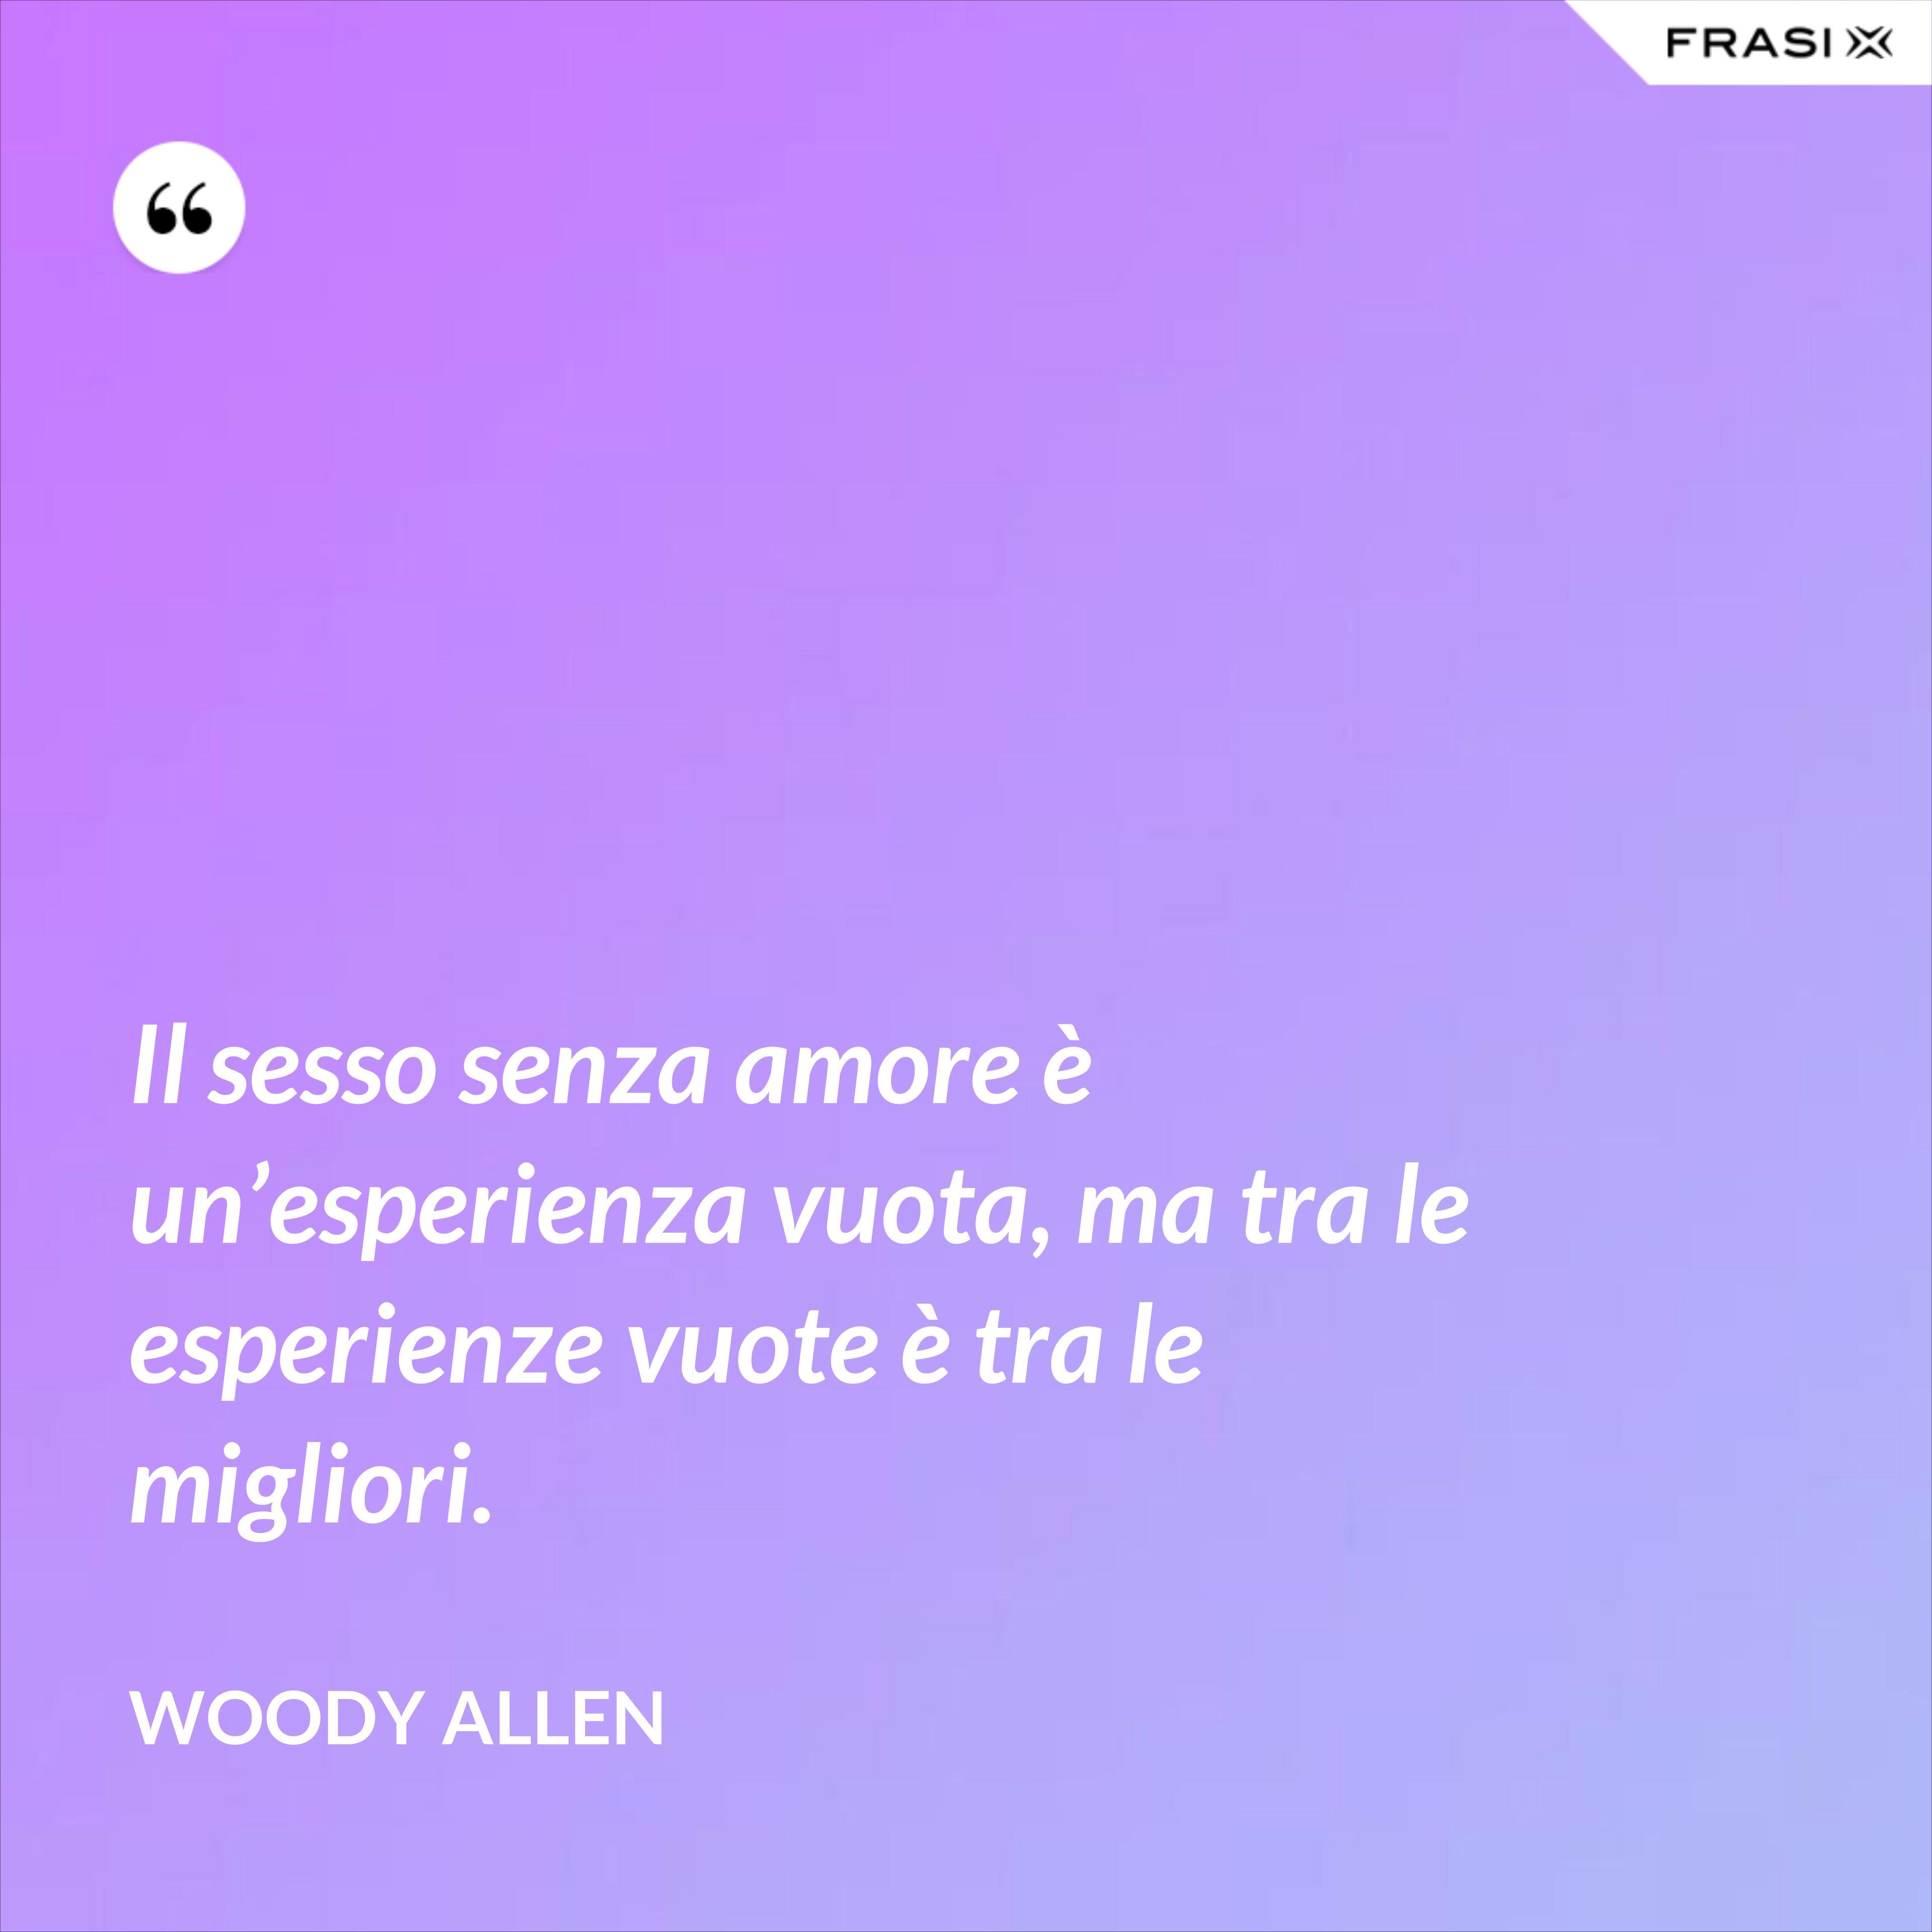 Il sesso senza amore è un'esperienza vuota, ma tra le esperienze vuote è tra le migliori. - Woody Allen